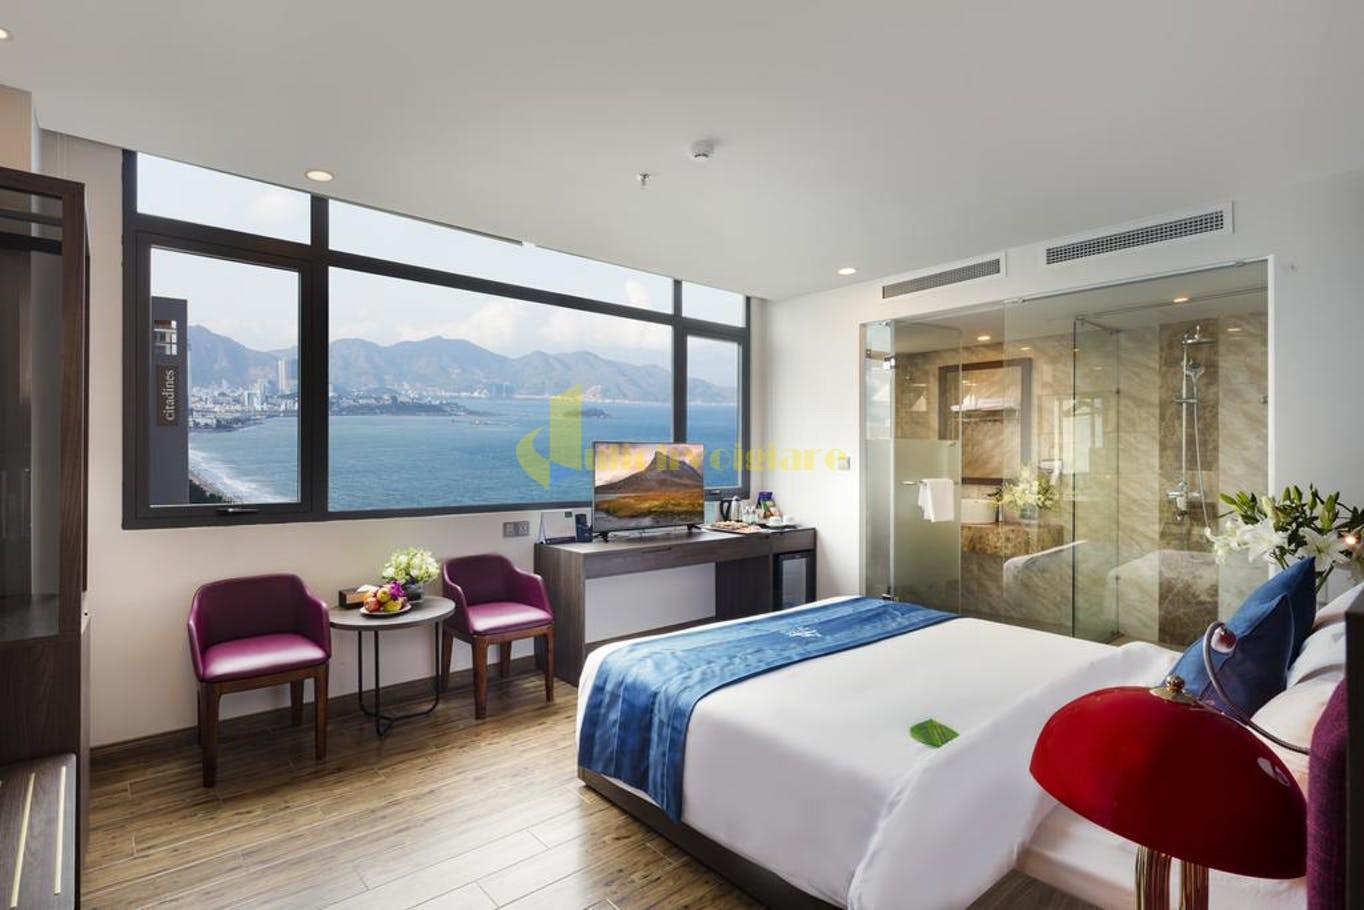 aaron-3 Top 10 Khách Sạn Đẹp Ngất Ngây Tại Nha Trang